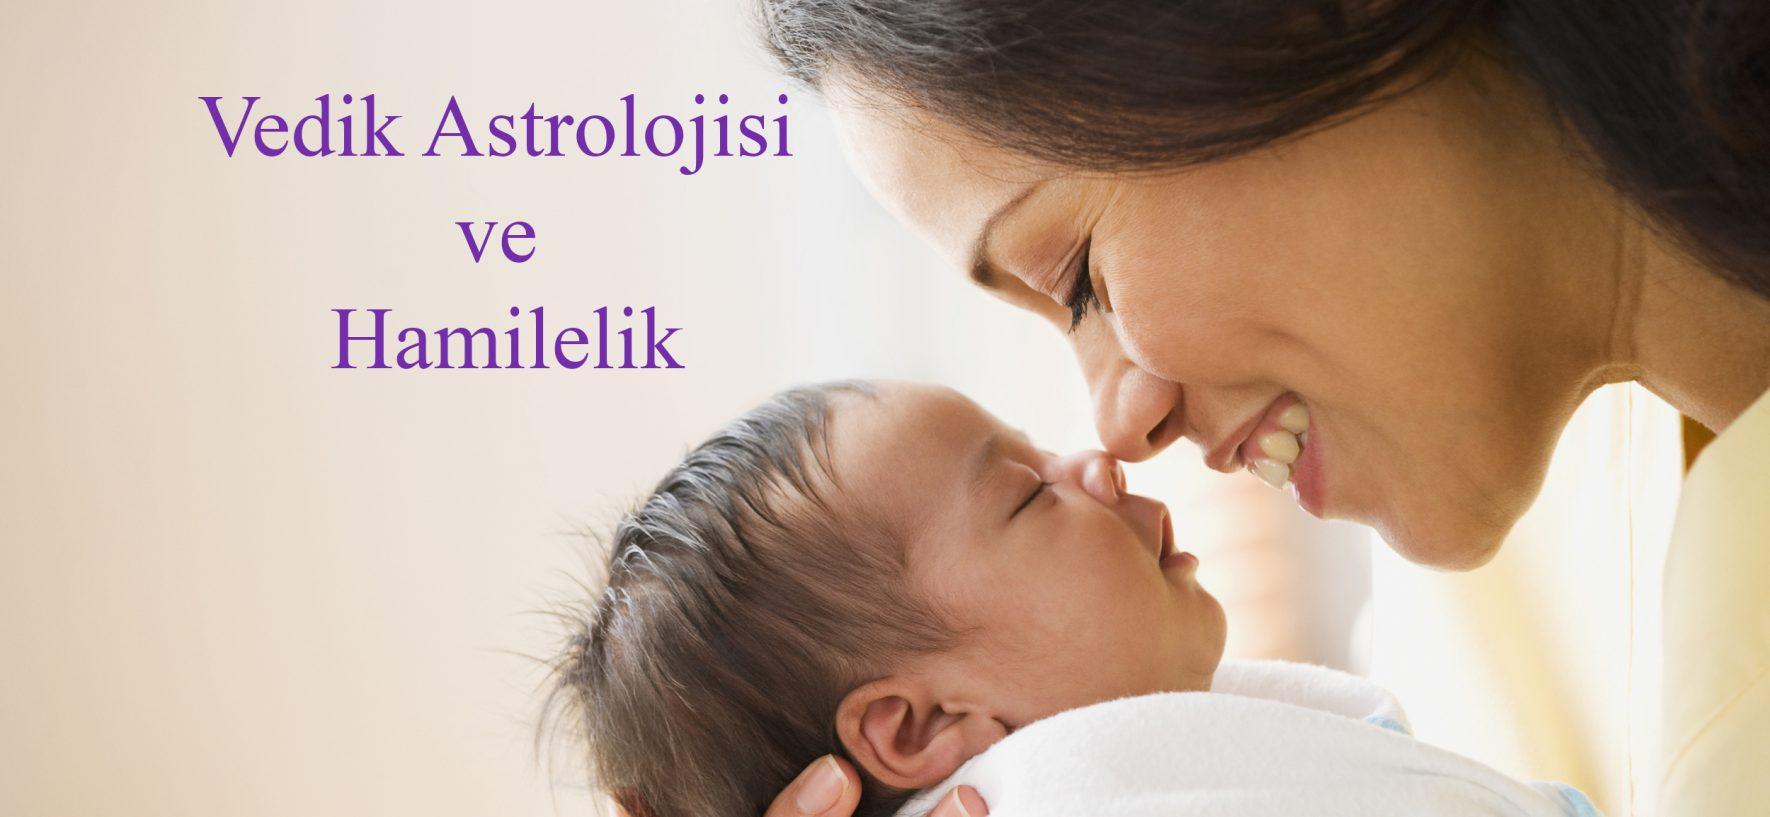 Vedik Astroloji ve Hamilelik